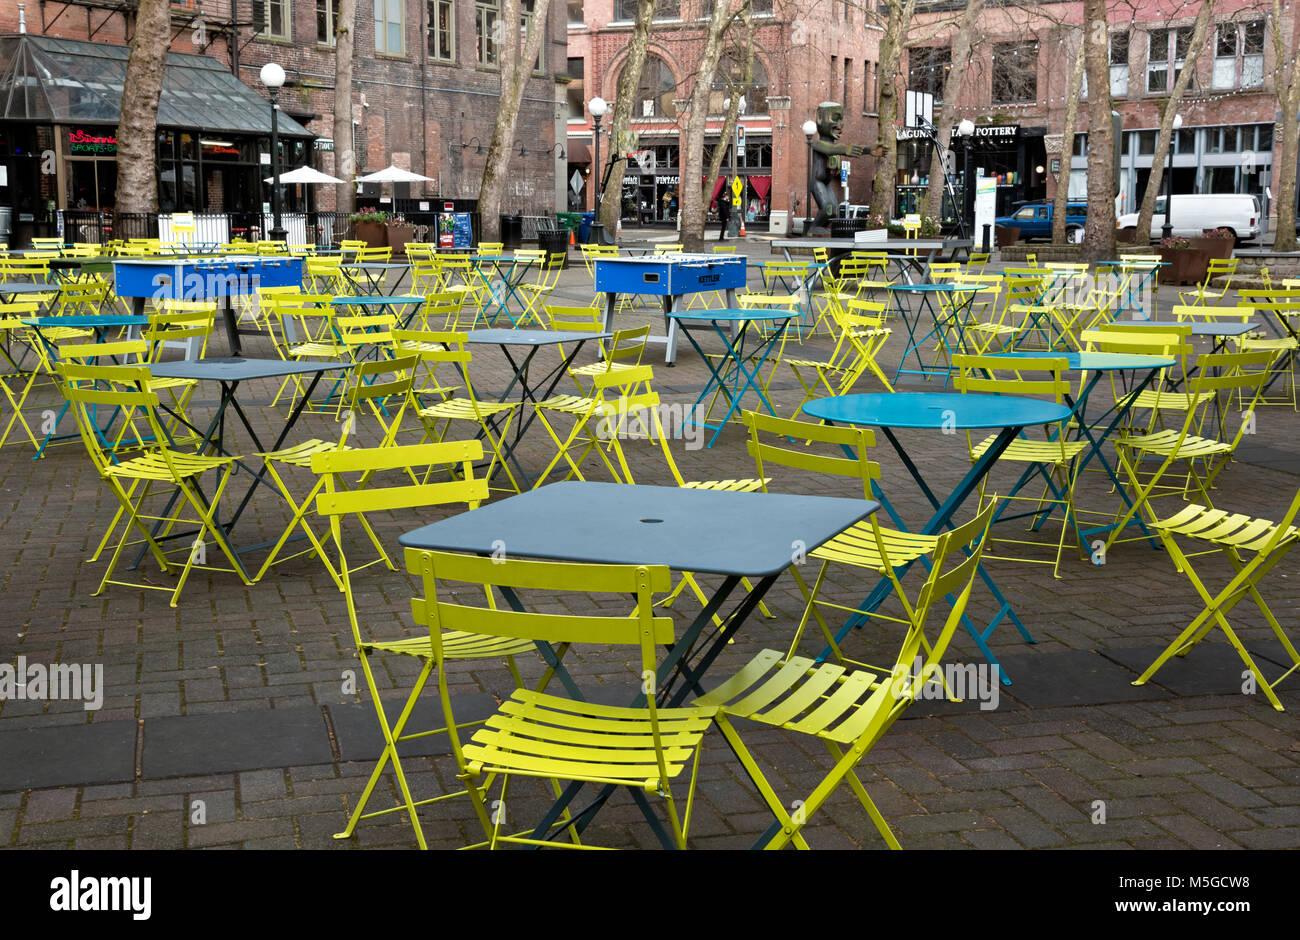 WASHINGTON - Tavoli, sedie e tavoli da ping pong e biliardino giochi stabiliti per un posto divertente per trascorrere Immagini Stock